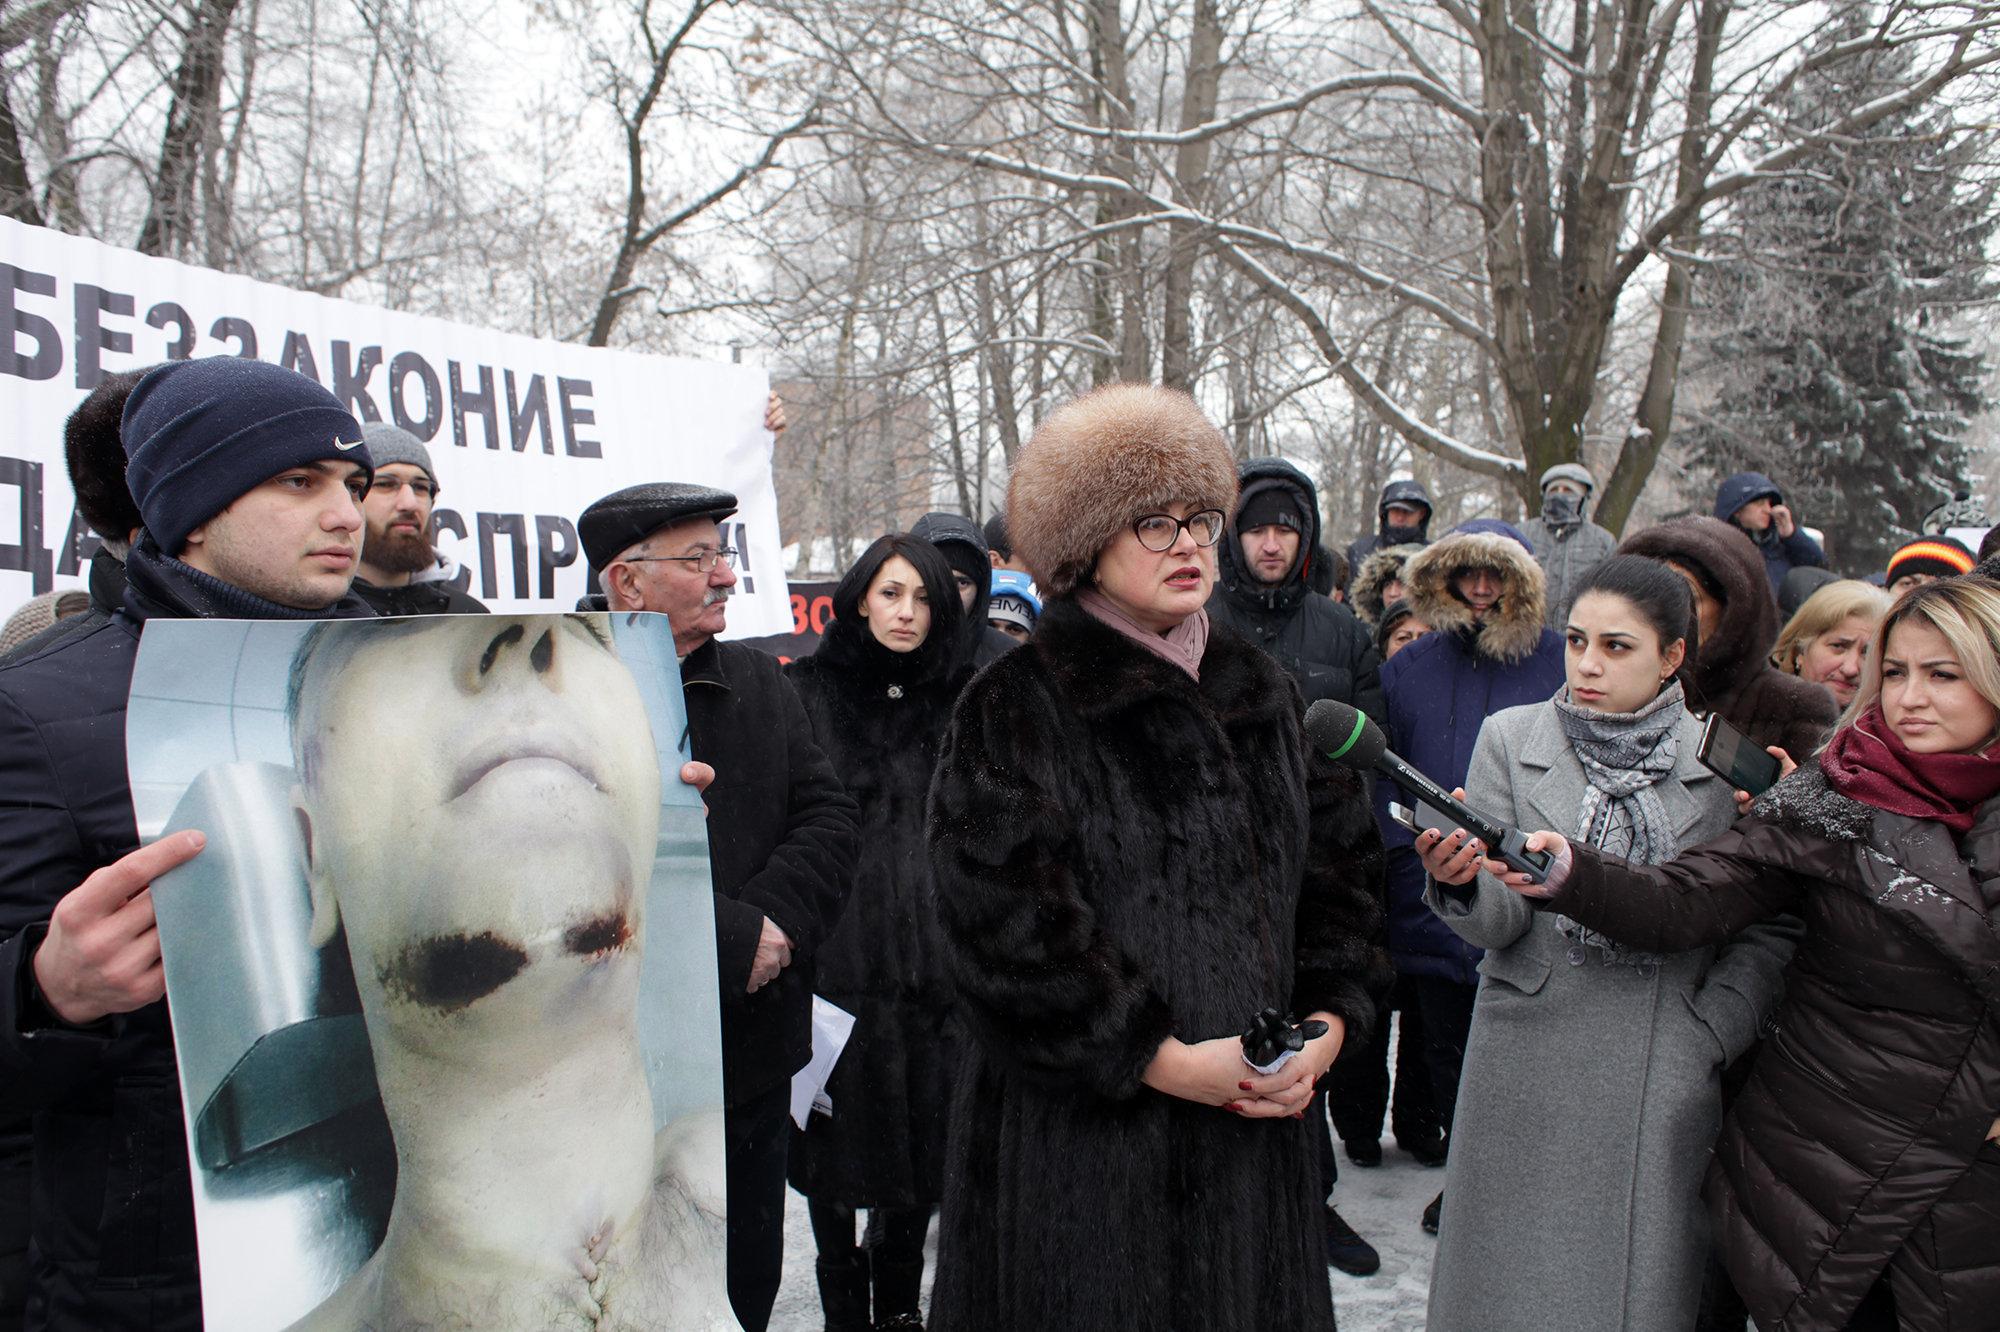 Анжела Сикоева (в центре), адвокат семьи Цкаевых